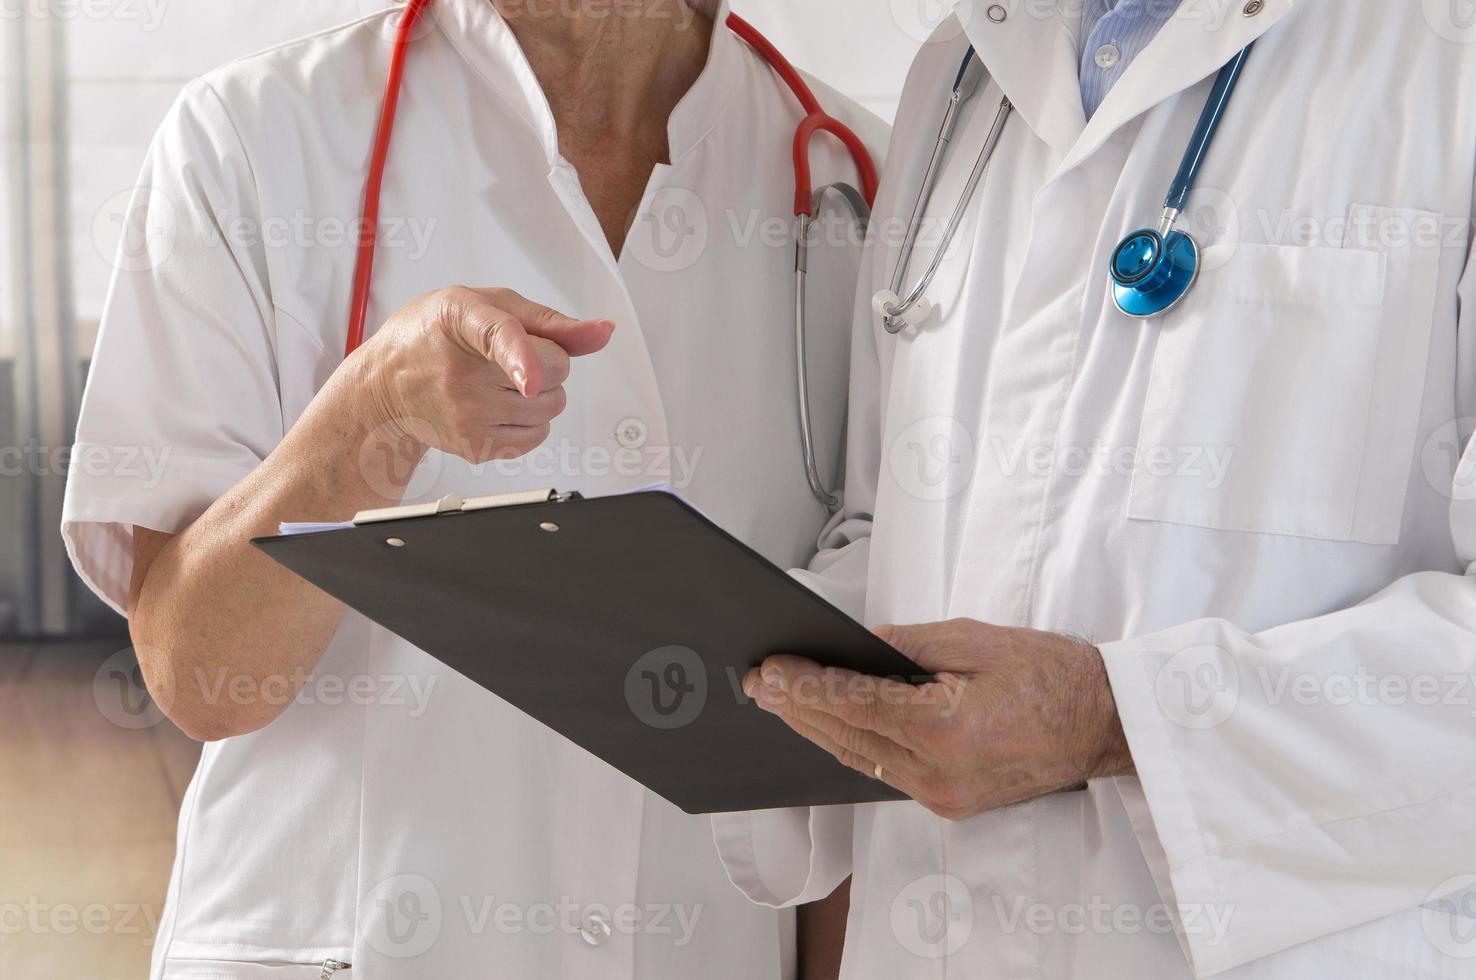 cuidados de saúde e medicina pessoas foto